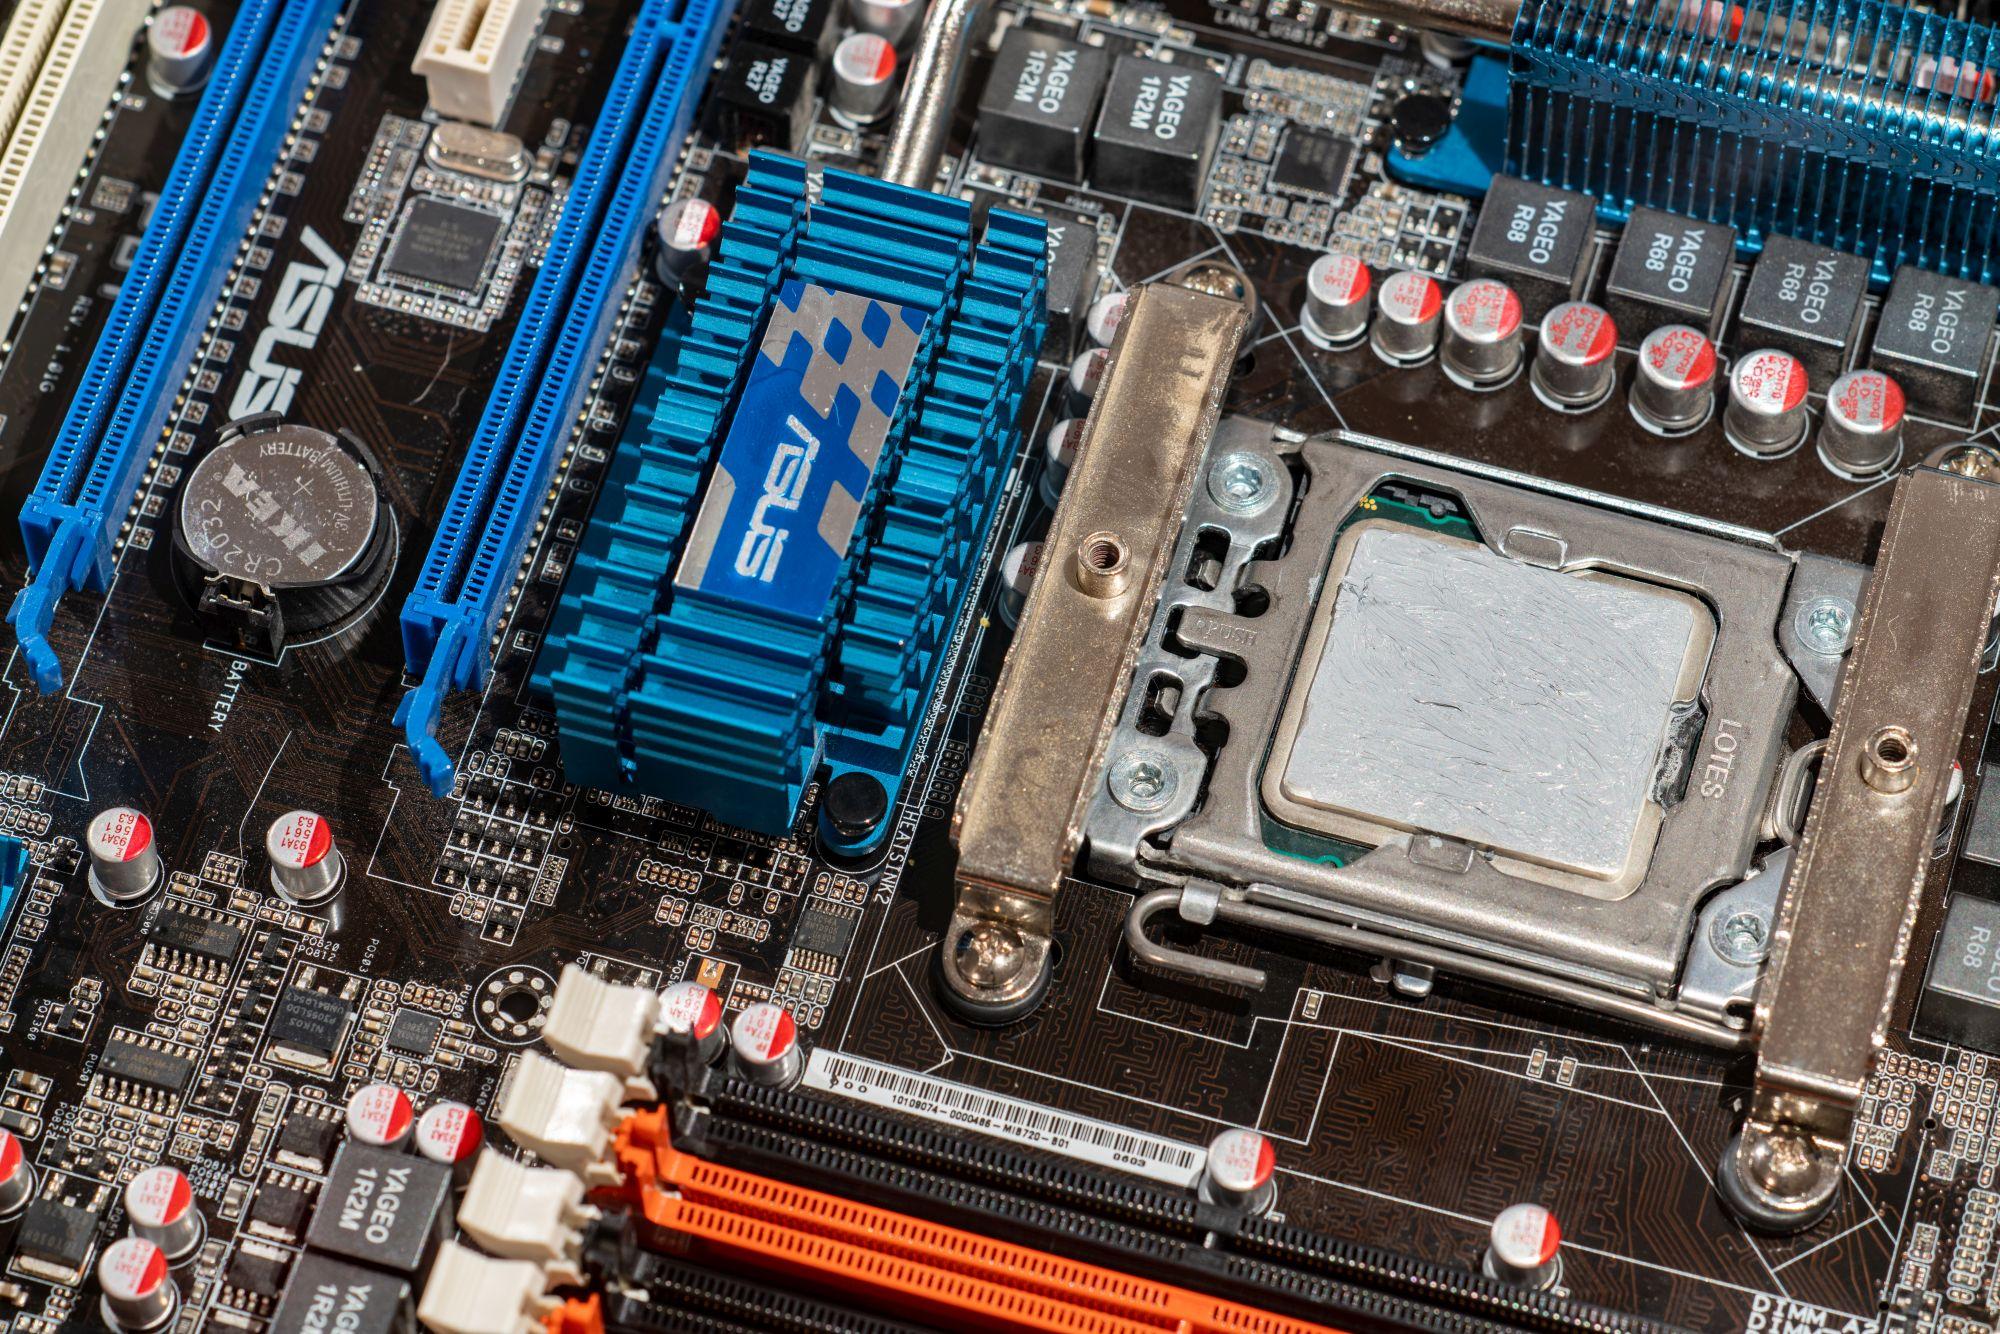 Древности: современный компьютер из старых запчастей - 20